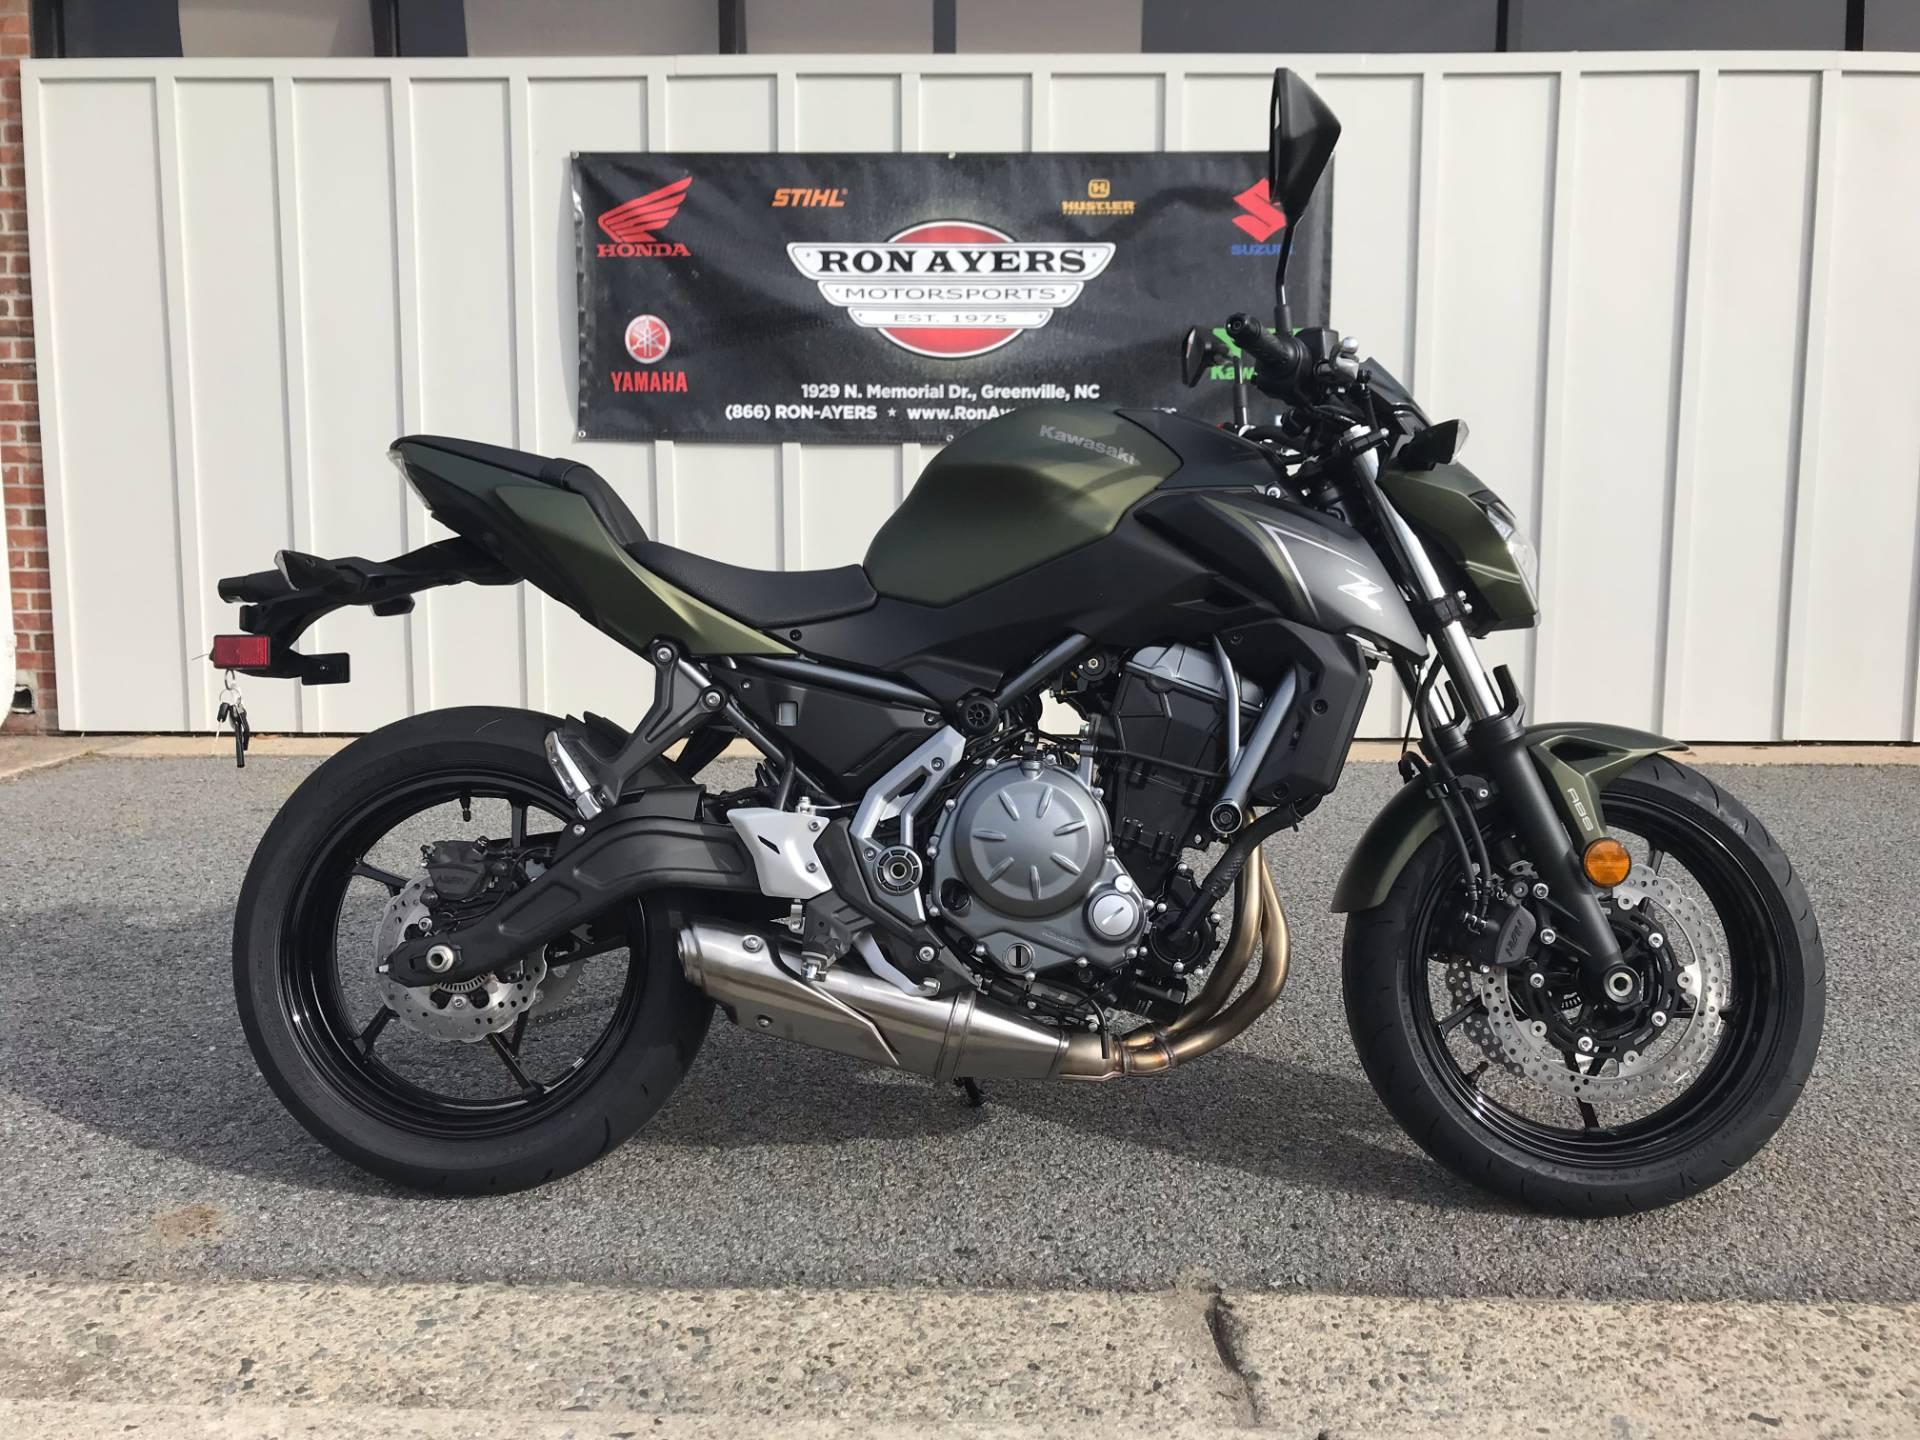 New 2018 Kawasaki Z650 ABS Motorcycles in Greenville NC